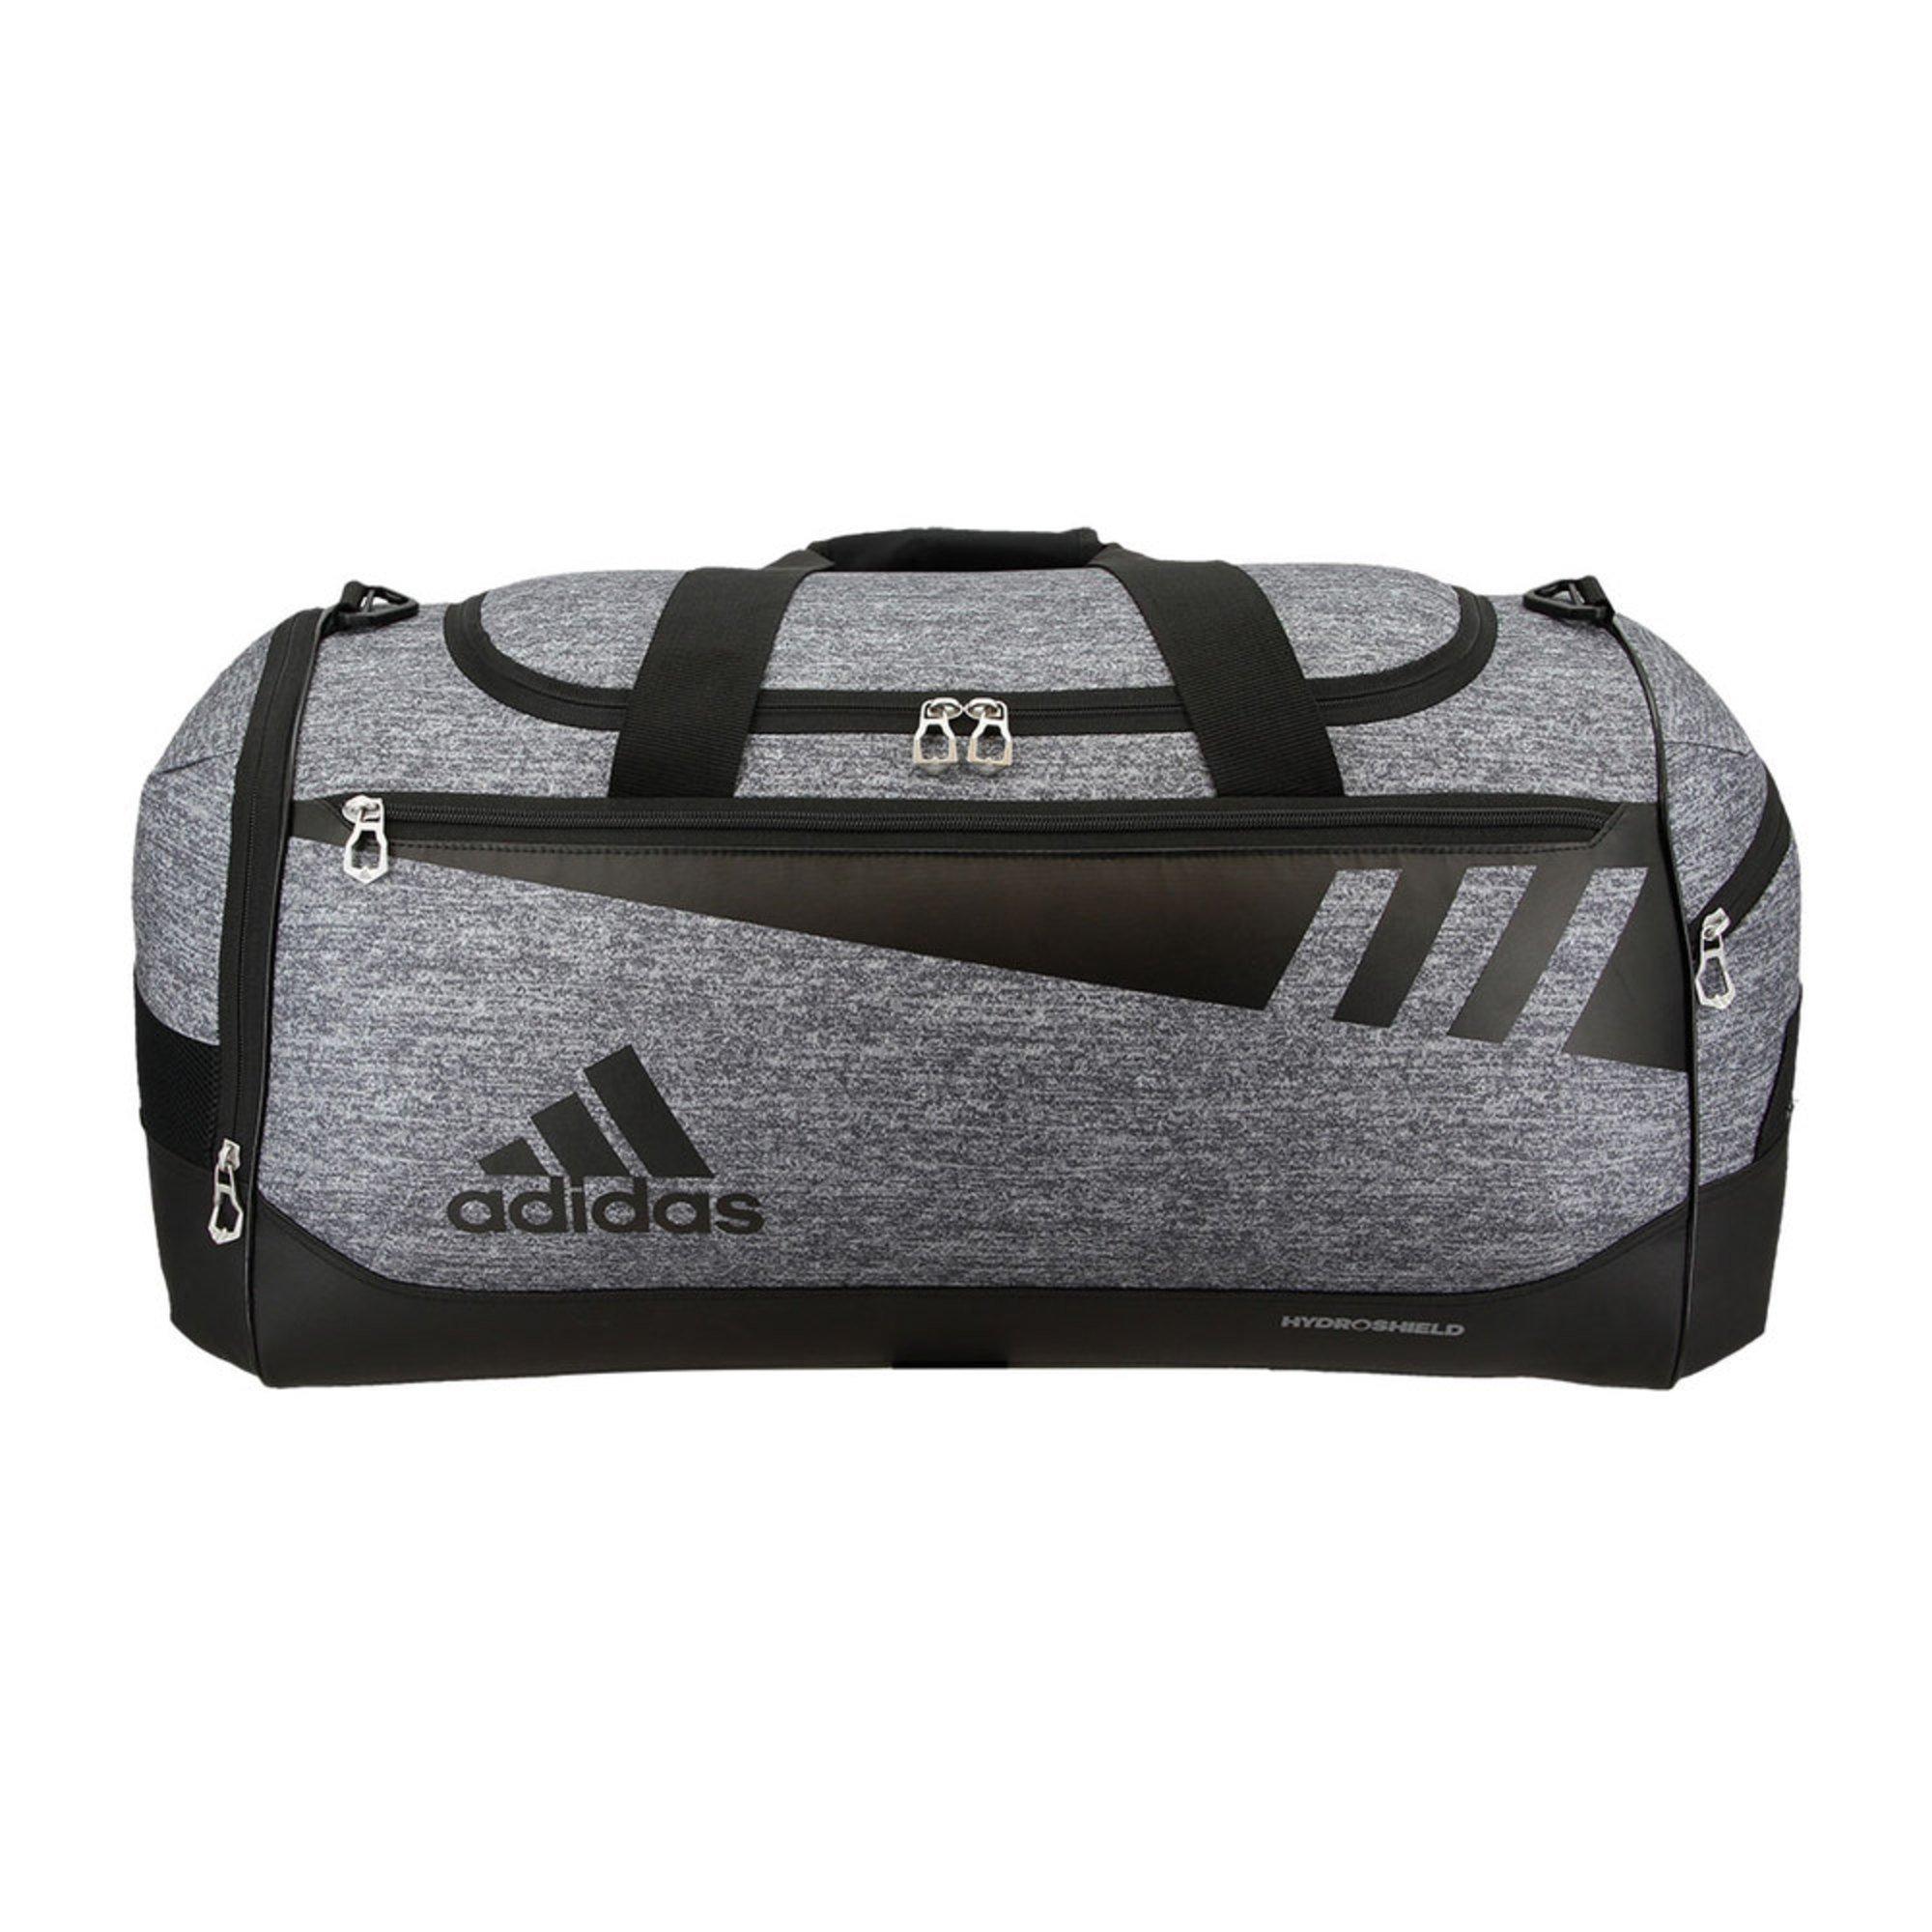 fe9e47455f Adidas Team Issue Medium Duffel- Onyx Jersey